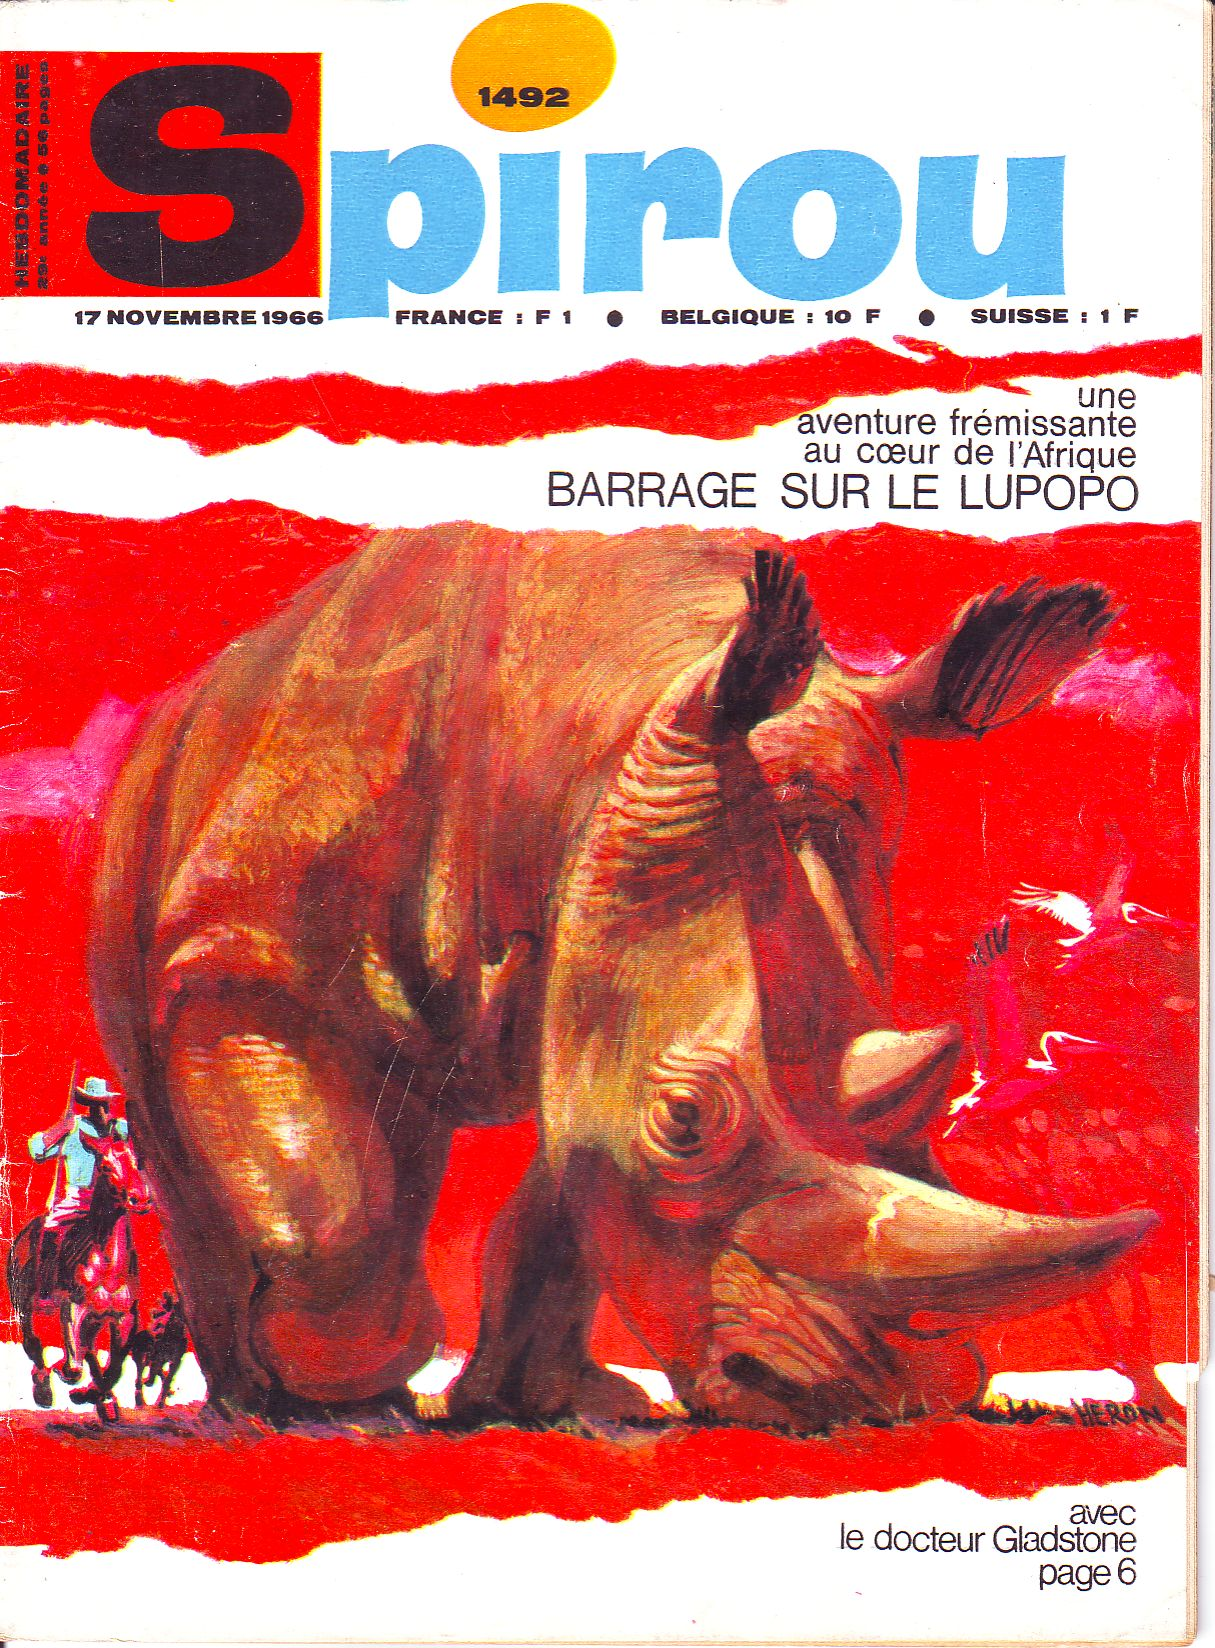 Le journal de Spirou 1492